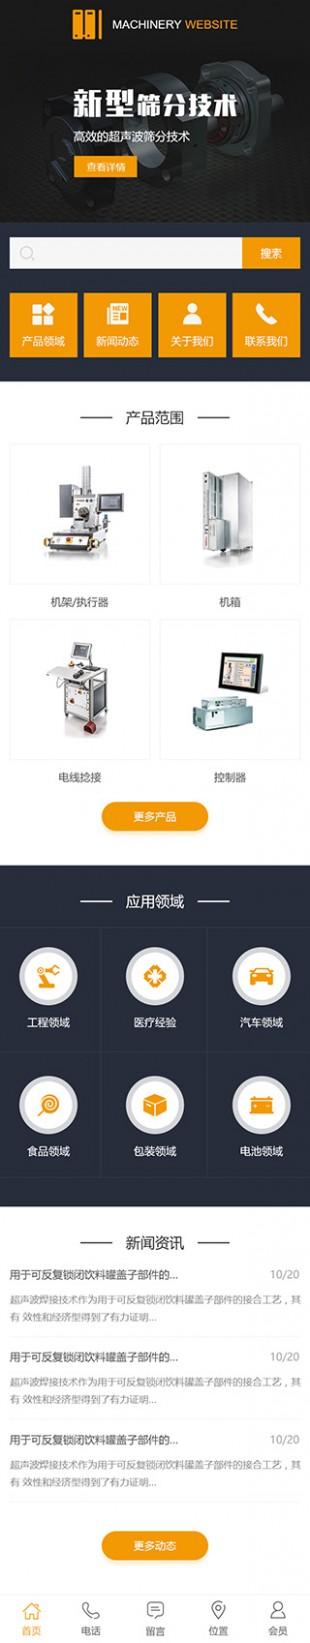 机器设备网站建设模板手机图片